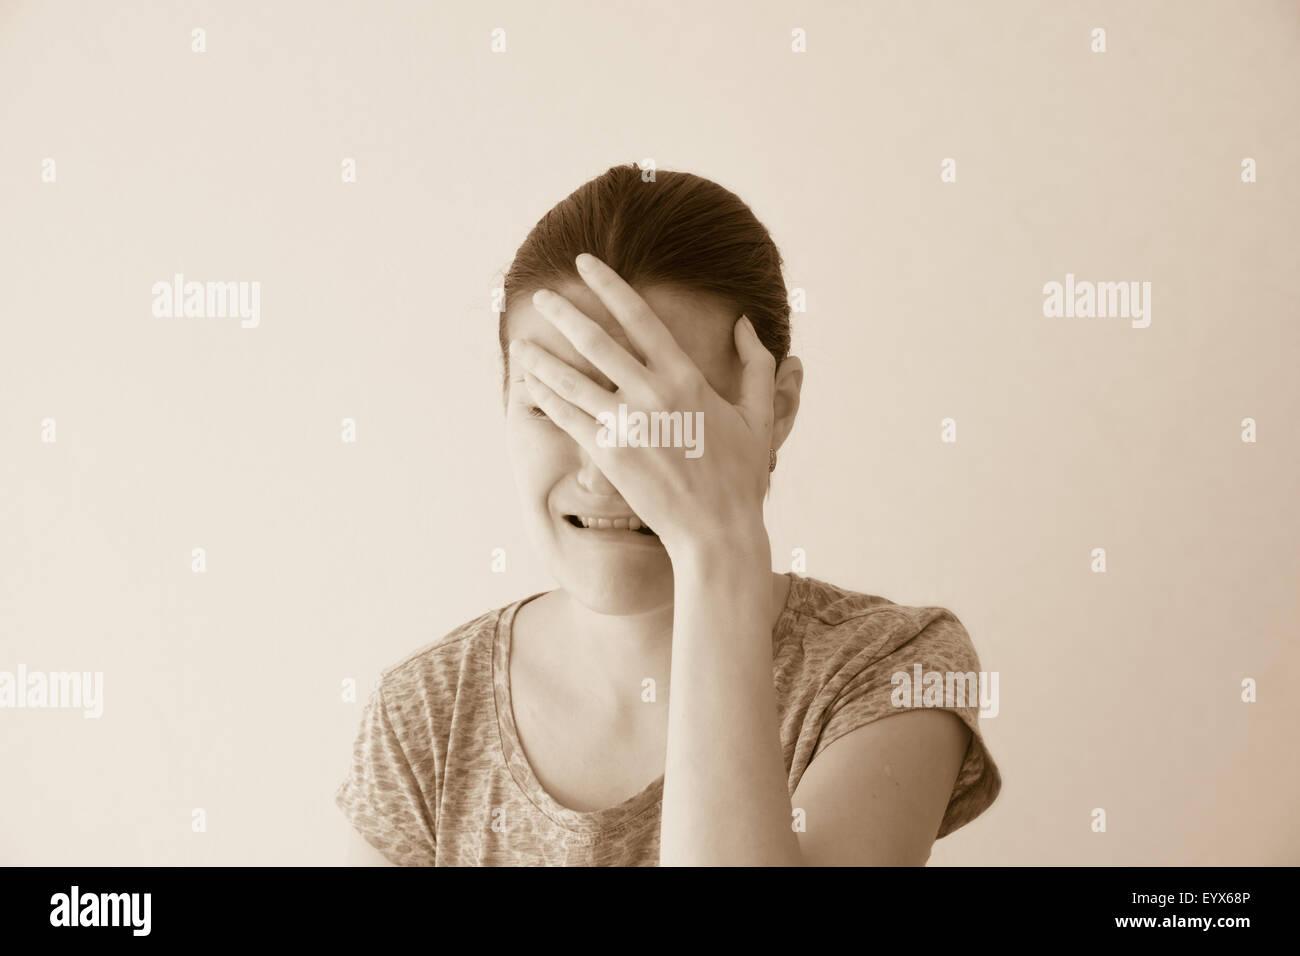 Llorando deprimido triste abuso joven retrato dramático Imagen De Stock